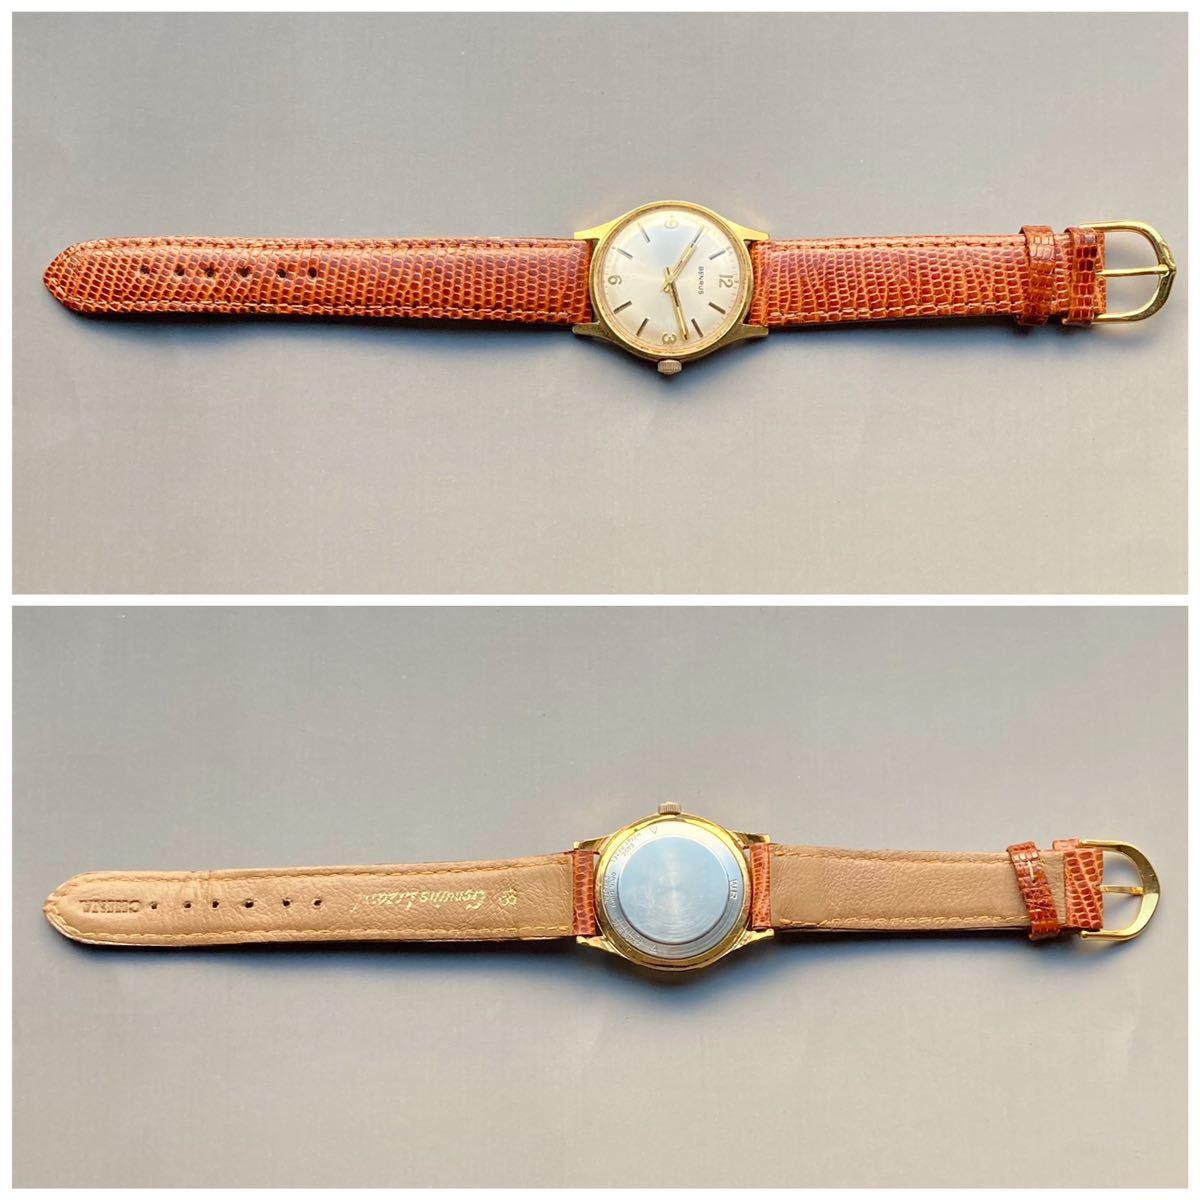 美品★動作良好★BENRUS ベンラス アンティーク 腕時計 メンズ 手巻き ケース径33㎜ ビンテージ ウォッチ 男性 レトロ_画像8